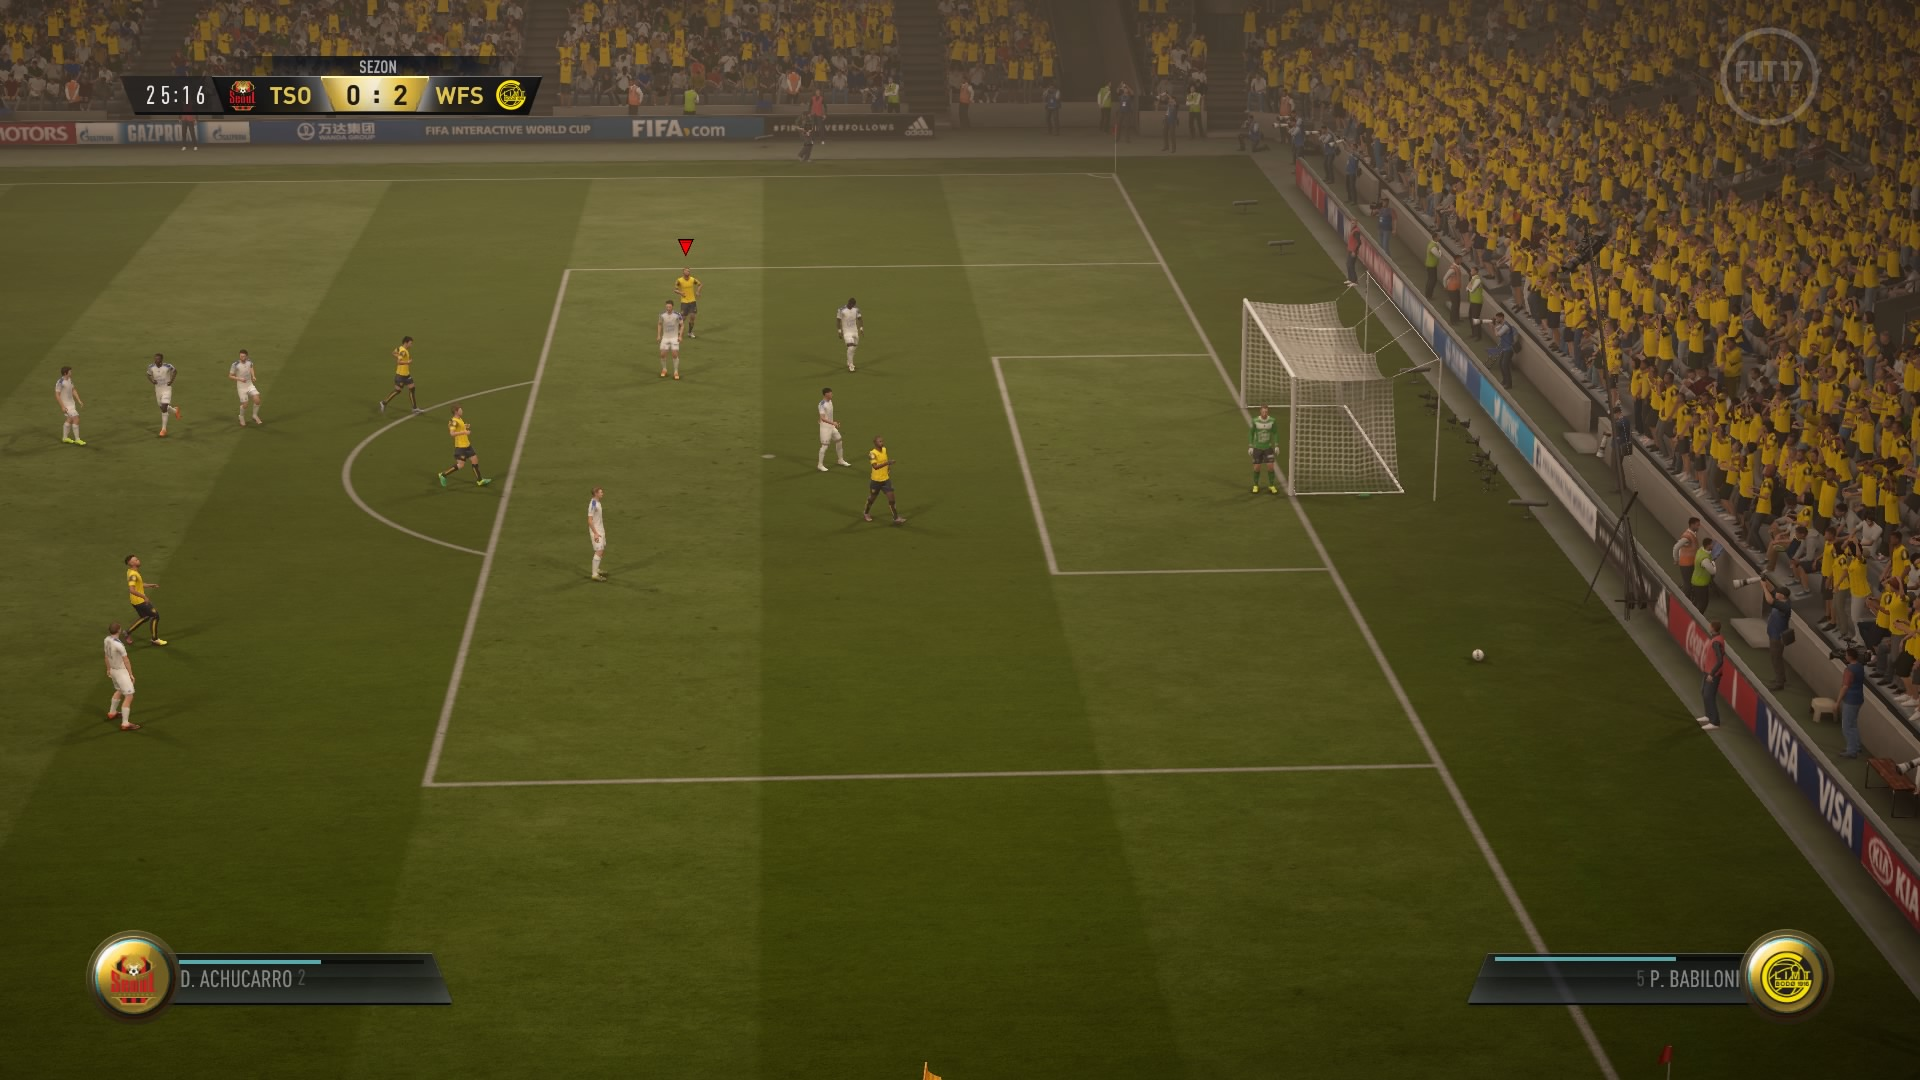 FIFA 17 Sezony FUT 0:2 FUT — FUT, 1. poł.